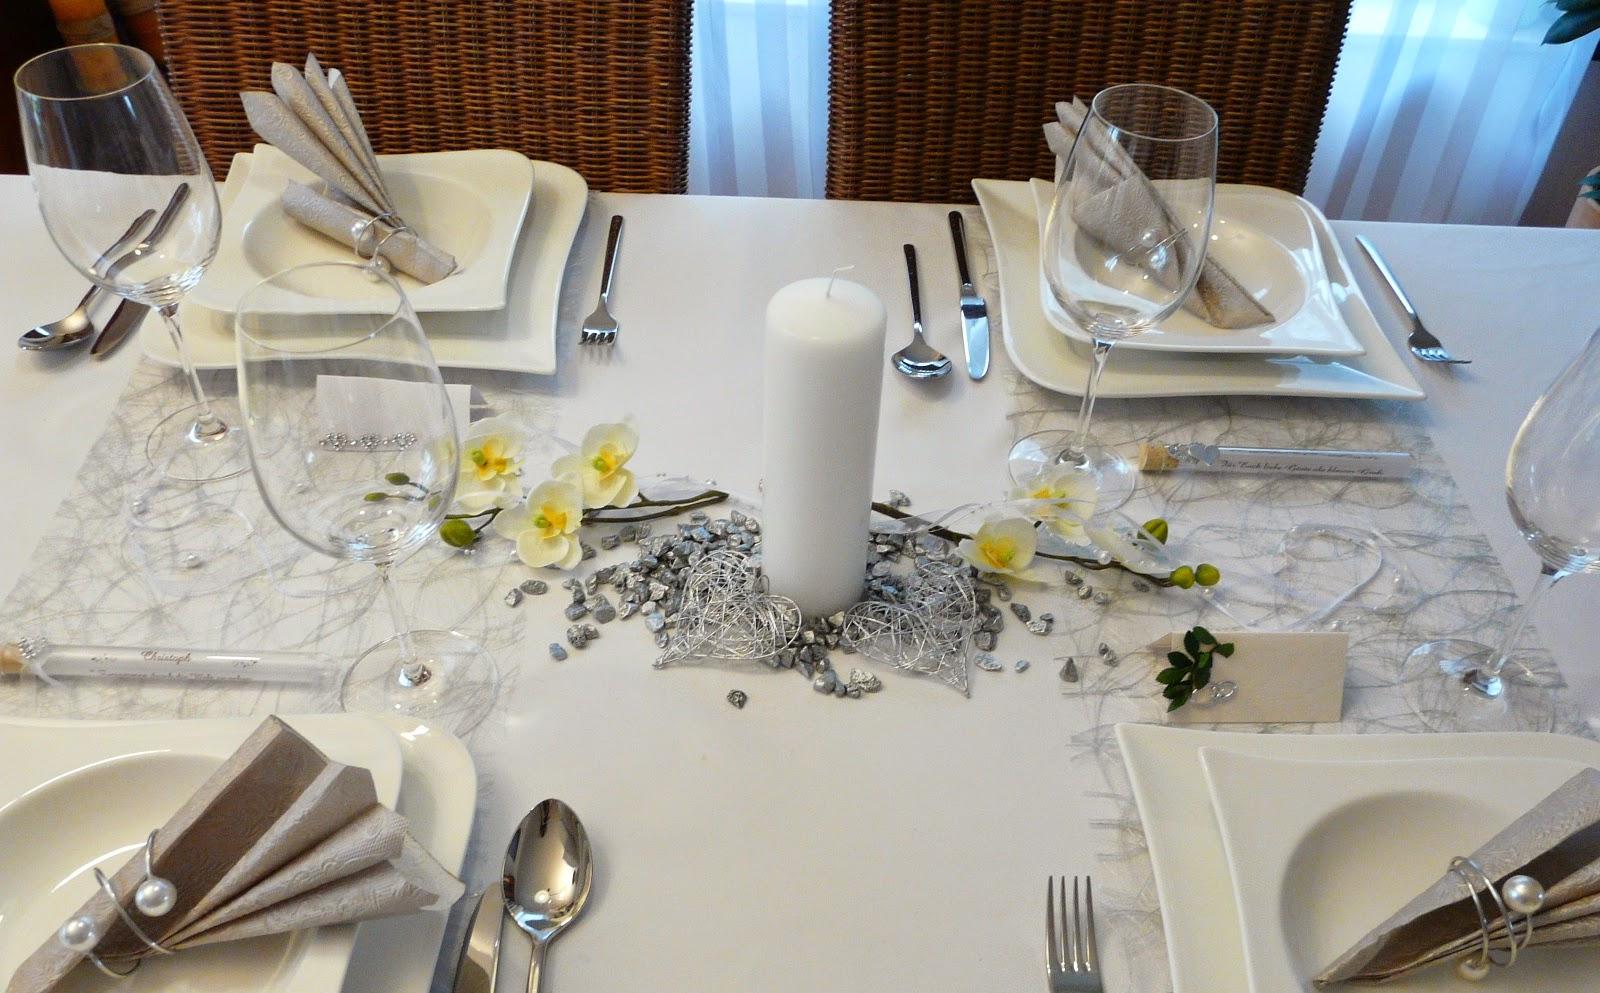 mustertische zur silberhochzeit gastgeschenke tischkarten serviettenringe bei tischdeko. Black Bedroom Furniture Sets. Home Design Ideas